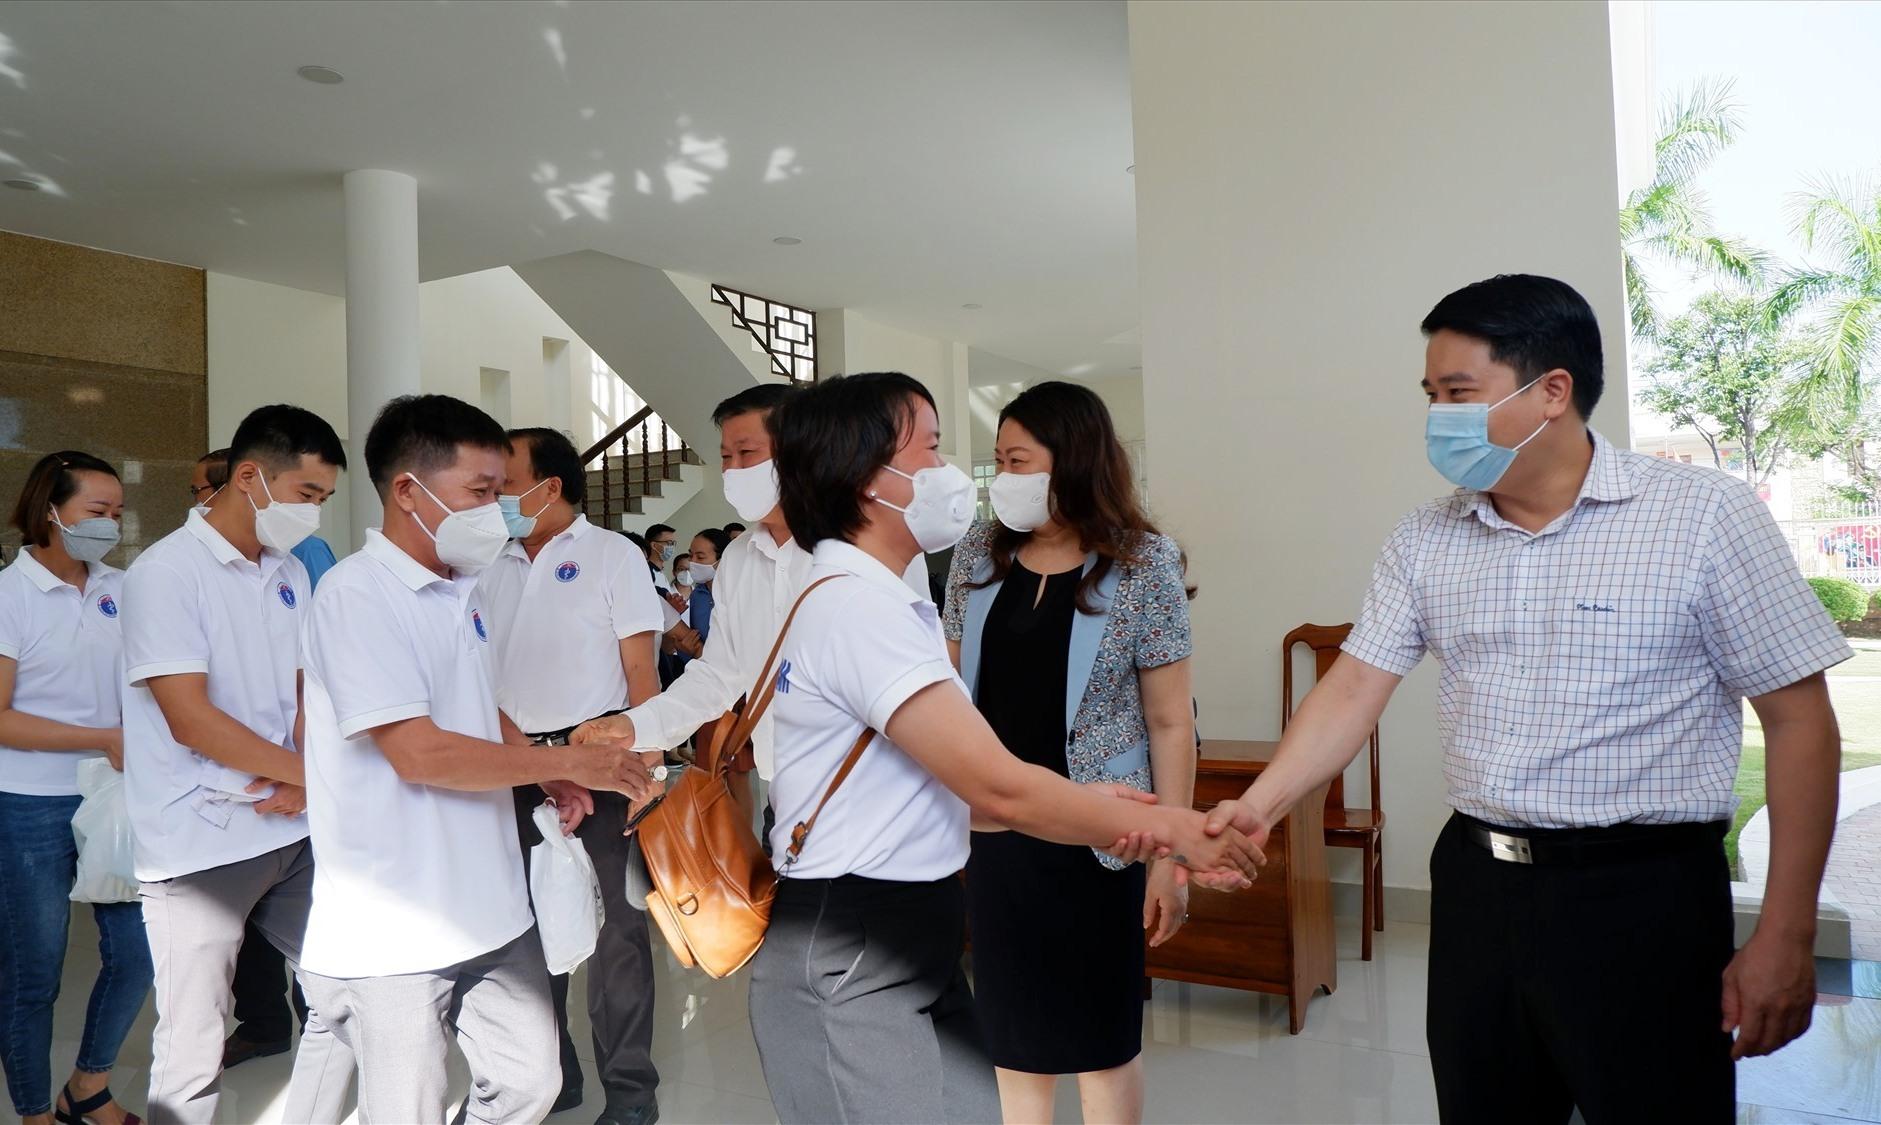 Phó Chủ tịch UBND tỉnh Trần Văn Tân chia tay và động viện đội ngũ y tế lên đường. Ảnh: X.H